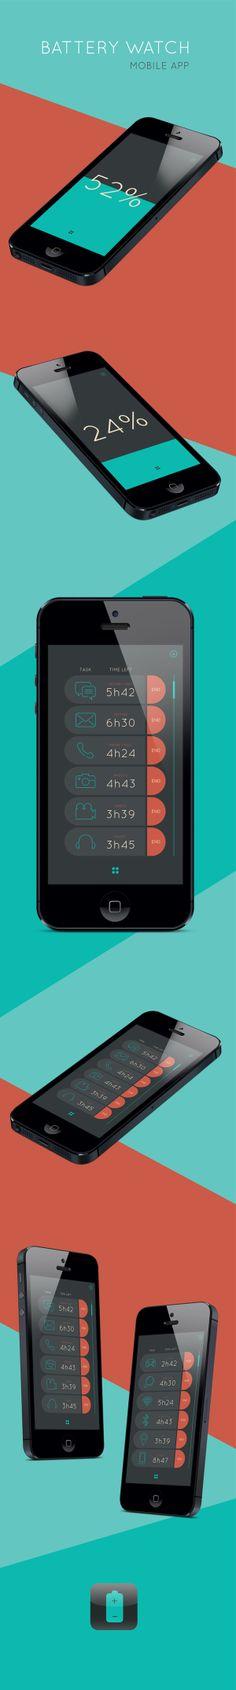 Concept mobile app - Battery Watch by Jacqui Proenca, via Behance